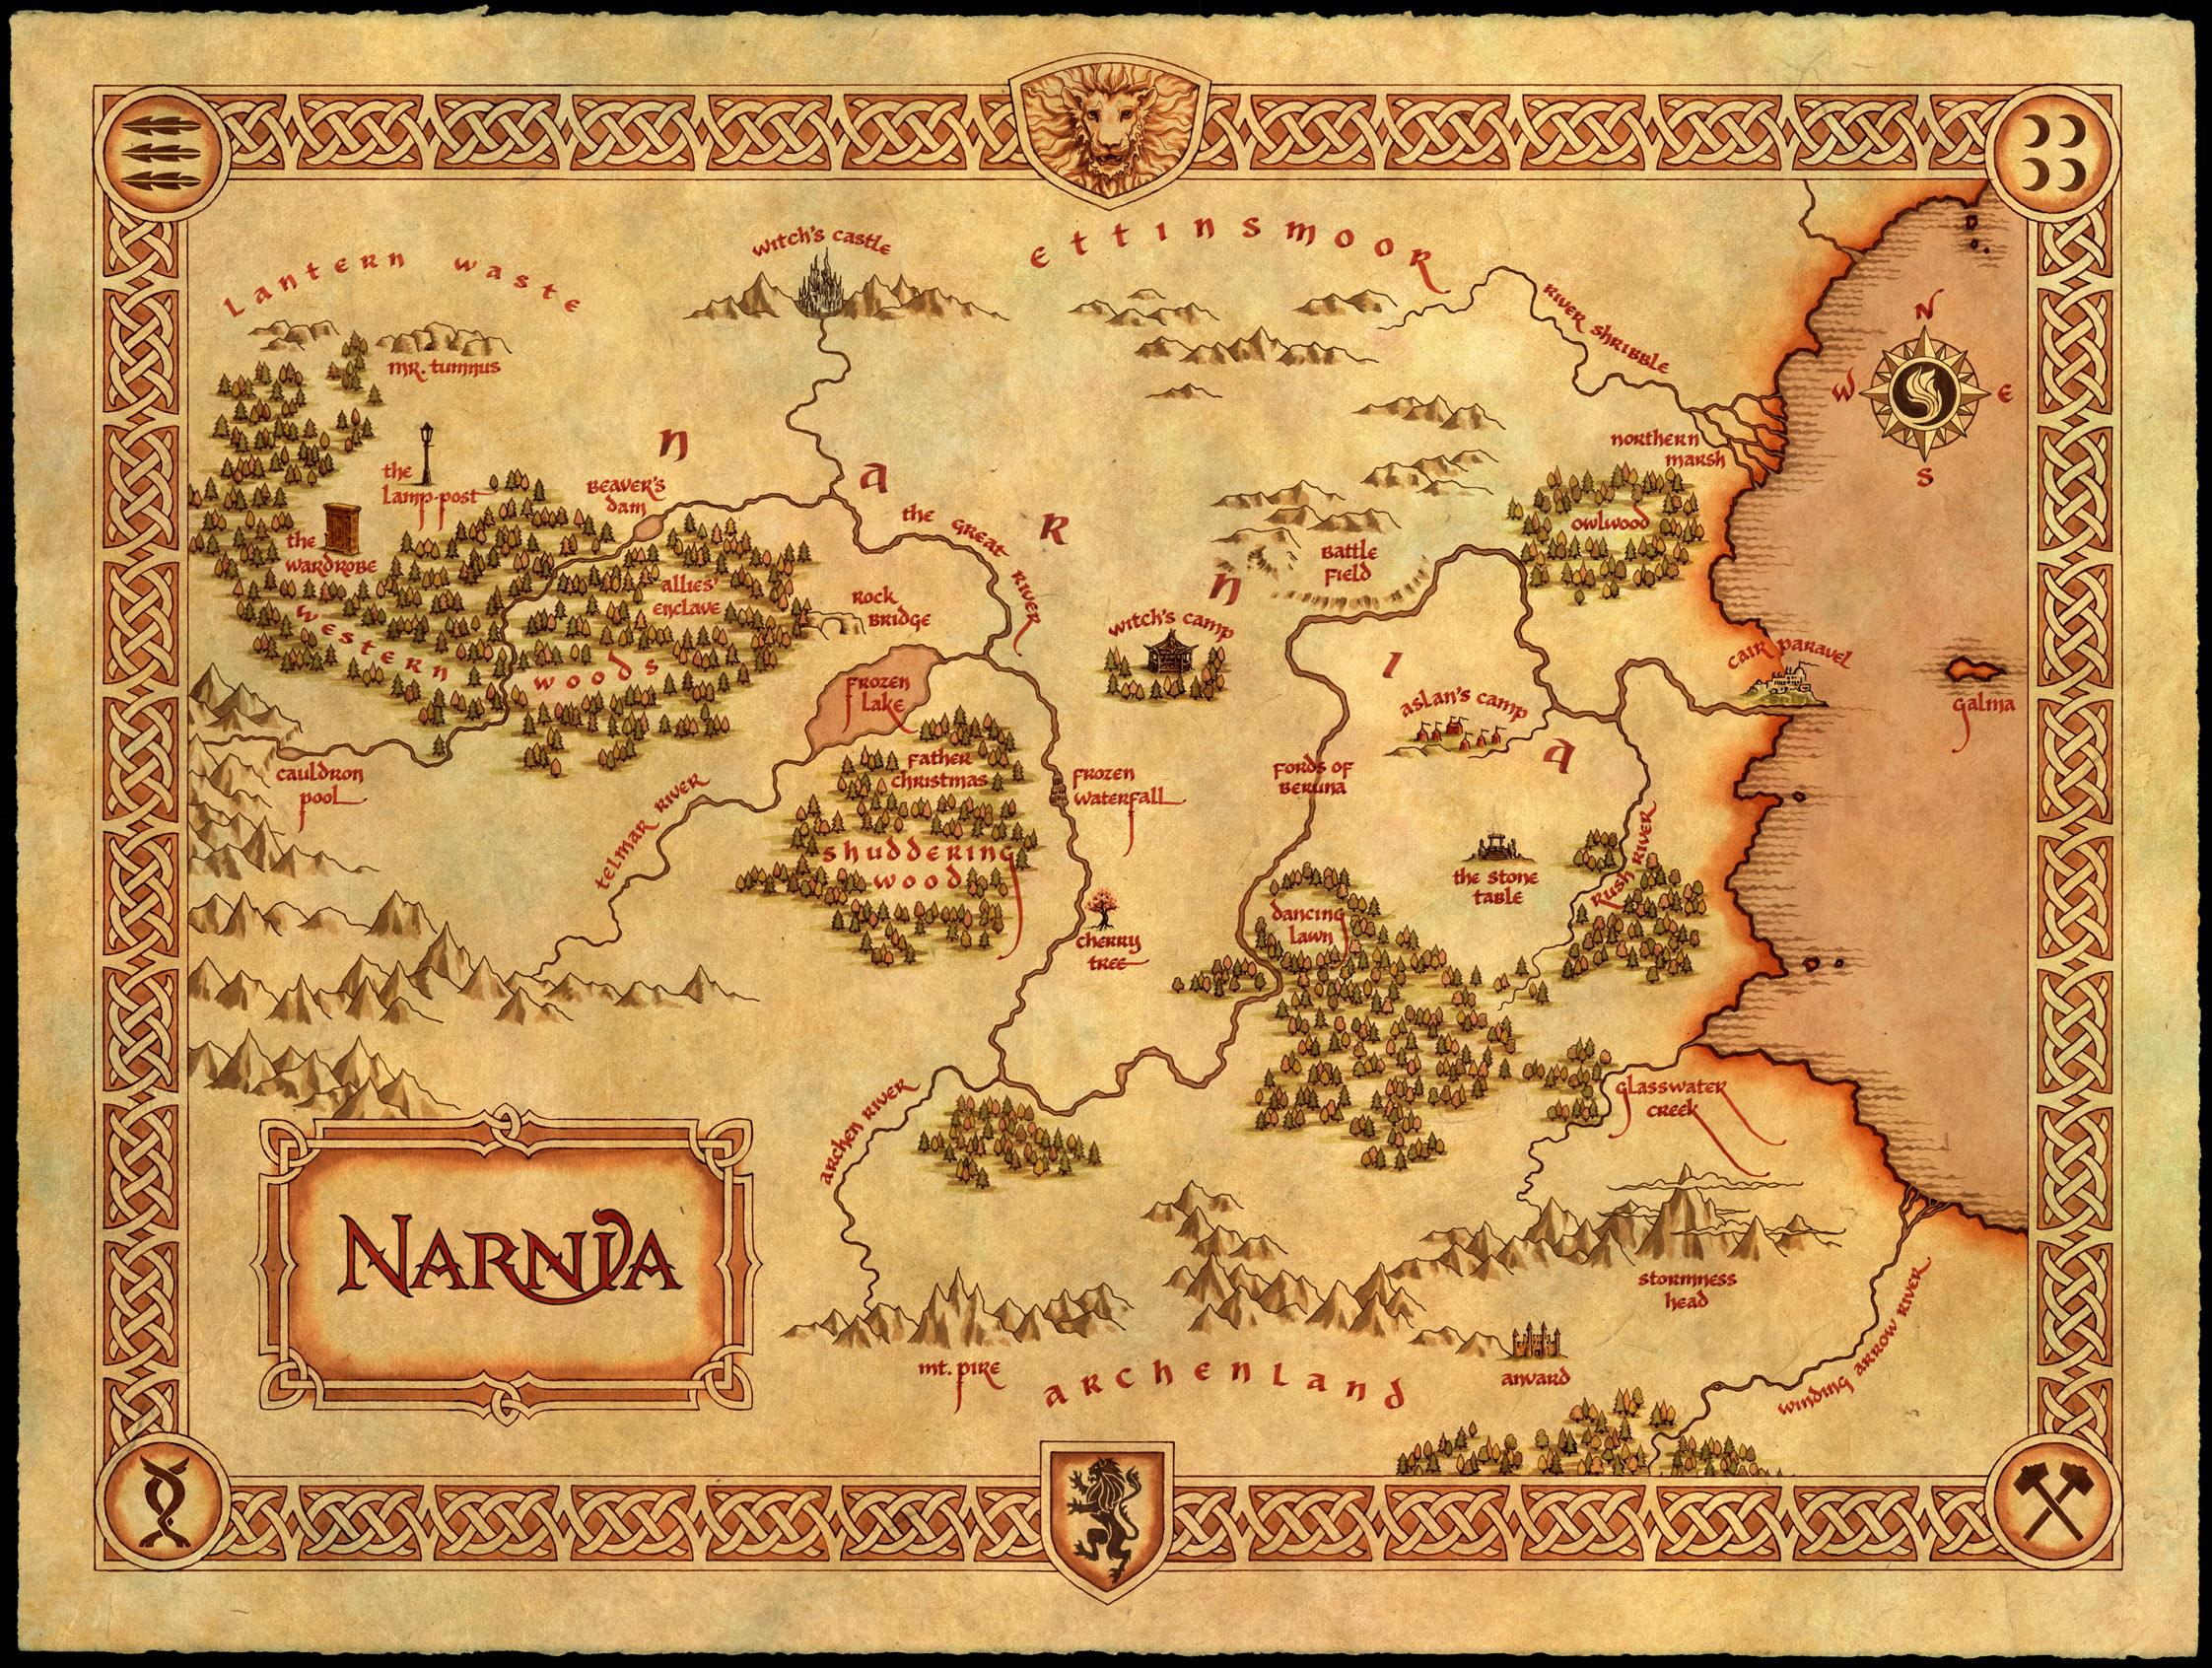 Narnia (nation)